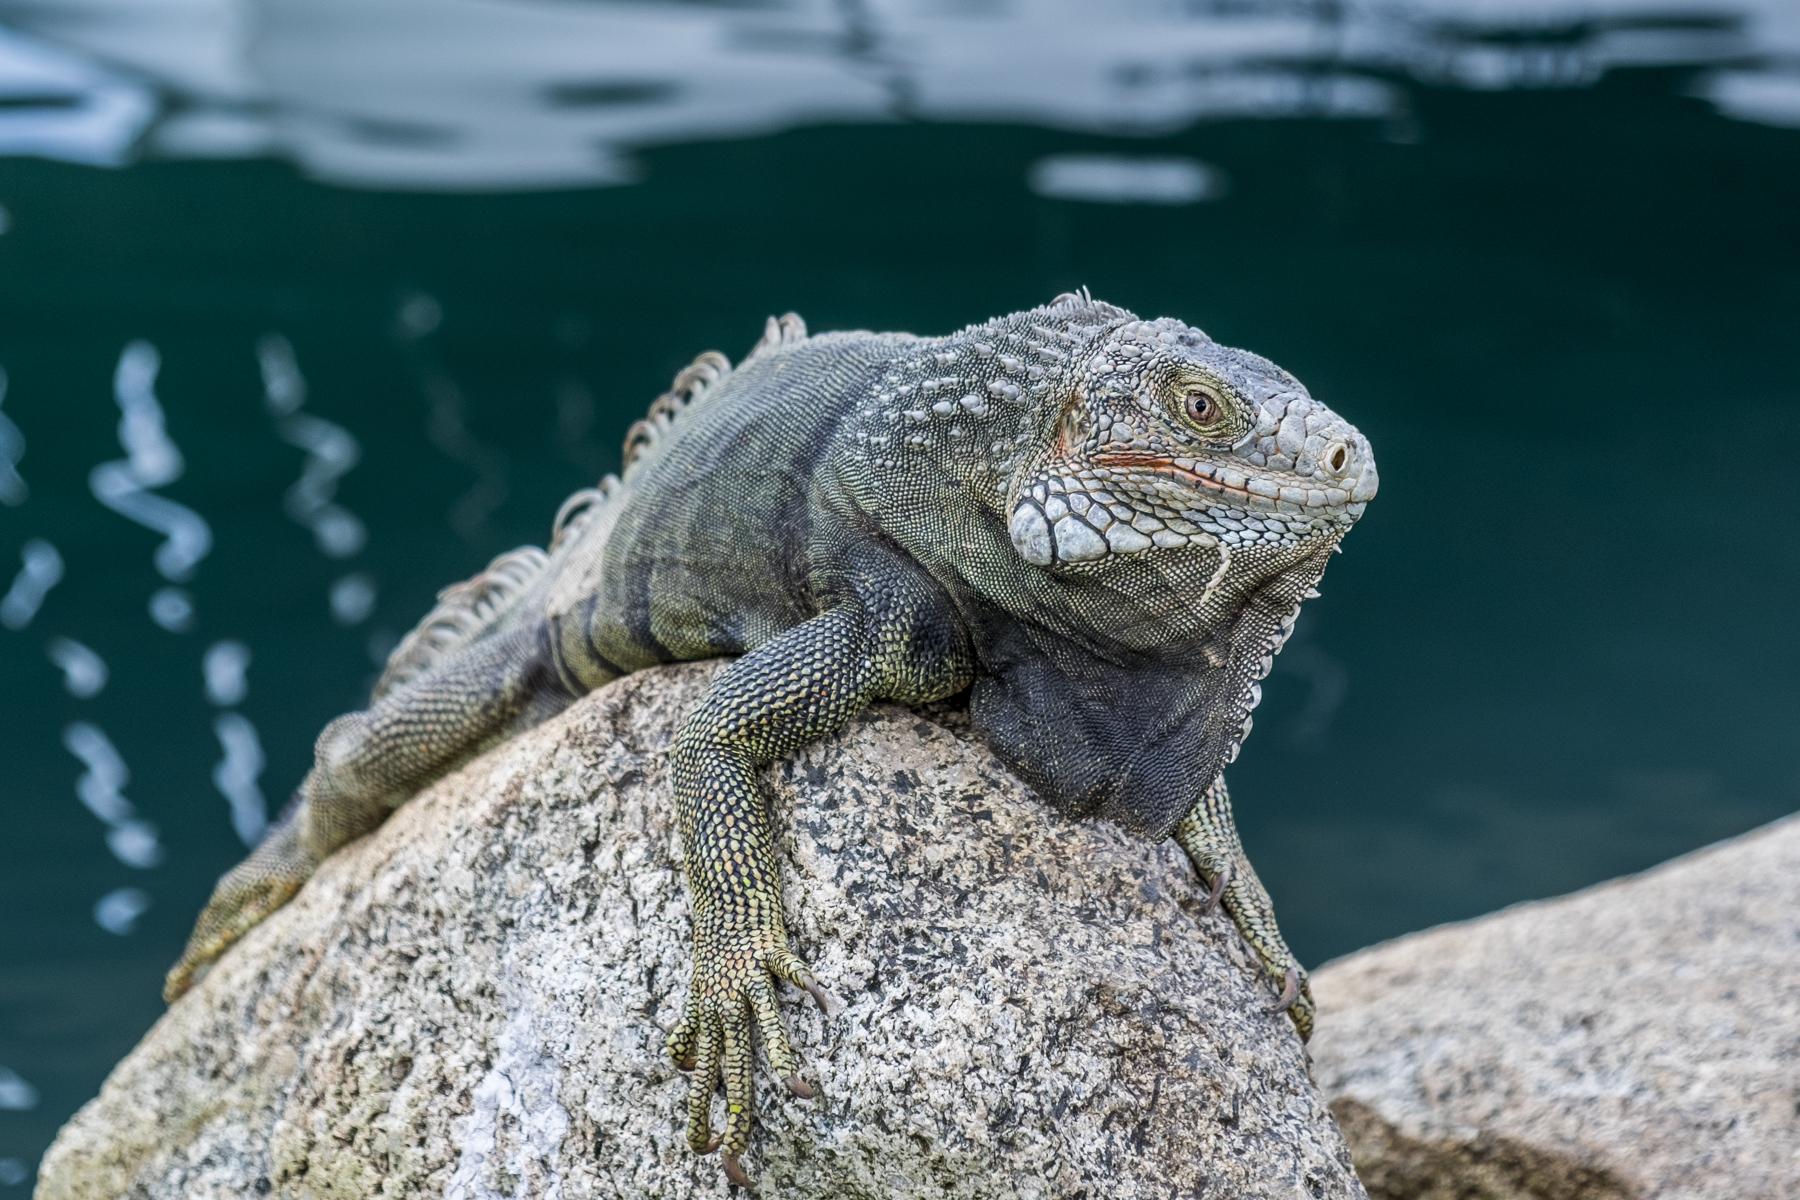 Vreemde wezens - Een leguaan warmt zich op een steen langs de waterkant - foto door w.herlaar op 08-04-2021 - locatie: Aruba - deze foto bevat: leguaan, dier, steen, water, gewervelde, leguaan, reptiel, hagedis, geschaald reptiel, terrestrische dieren, hout, leguaan, leguanen